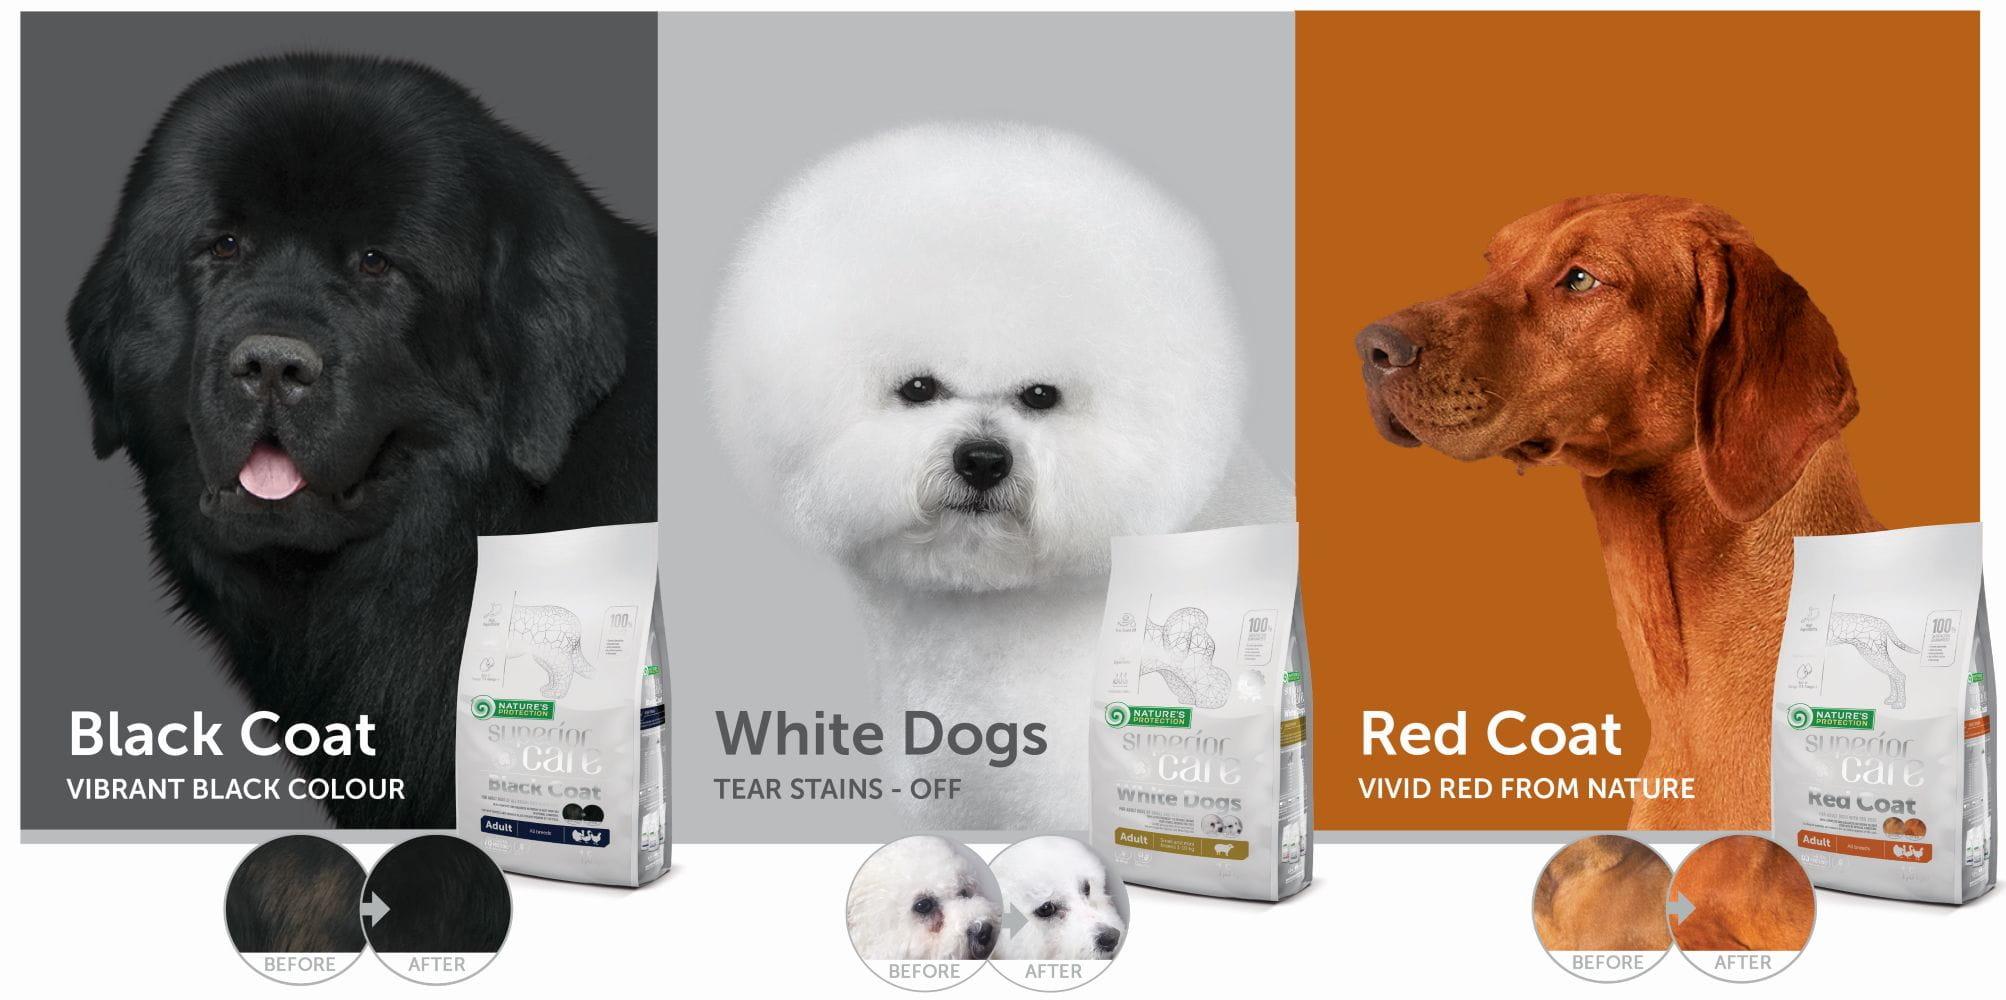 White-dogs_Black-coat_Red-coat_EN